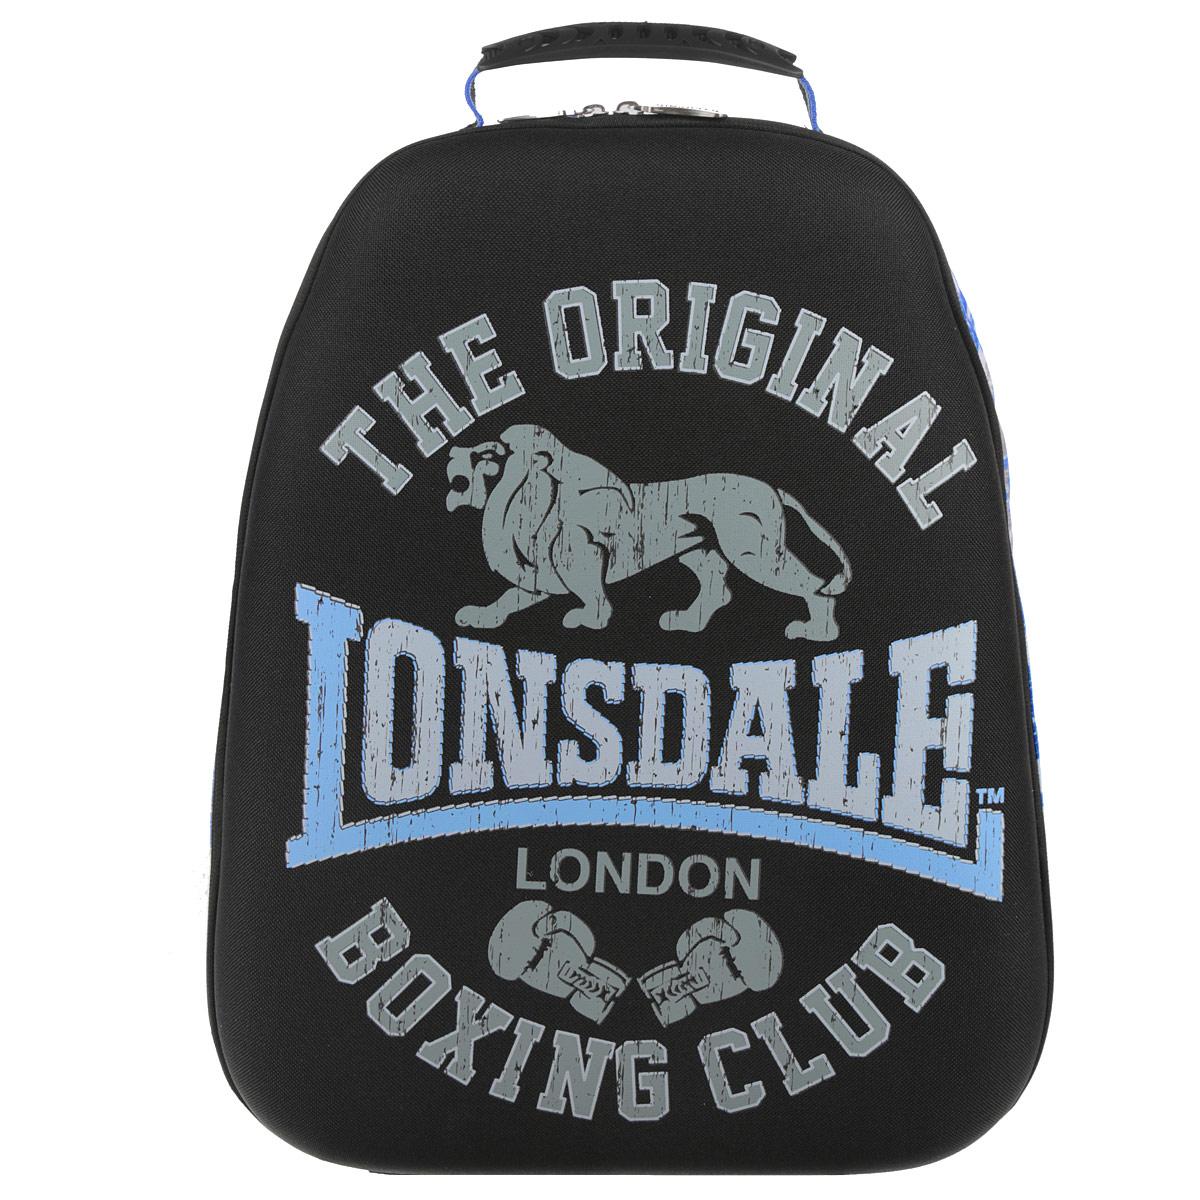 Рюкзак молодежный Lonsdale, цвет: черный, серый, голубой. LSCB-UT1-E150BP-001 BKСтильный и молодежный рюкзак Lonsdale сочетает в себе современный дизайн, функциональность и долговечность. Выполнен из прочных материалов и оформлен изображением льва.Содержит изделие одно вместительное отделение на застежке-молнии с двумя бегунками. Внутри отделения находятся: открытый карман-сетка, карман-сетка на молнии, две мягкие перегородки и отделение для мобильного телефона. Фронтальная панель рюкзака выполнена из EVA, благодаря чему рюкзак не деформируется. Мягкие широкие лямки регулируются по длине. Рюкзак оснащен эргономичной ручкой для удобной переноски в руке. Этот рюкзак можно использовать для повседневных прогулок, отдыха и спорта, а также как элемент вашего имиджа.Рекомендуемый возраст: от 12 лет.